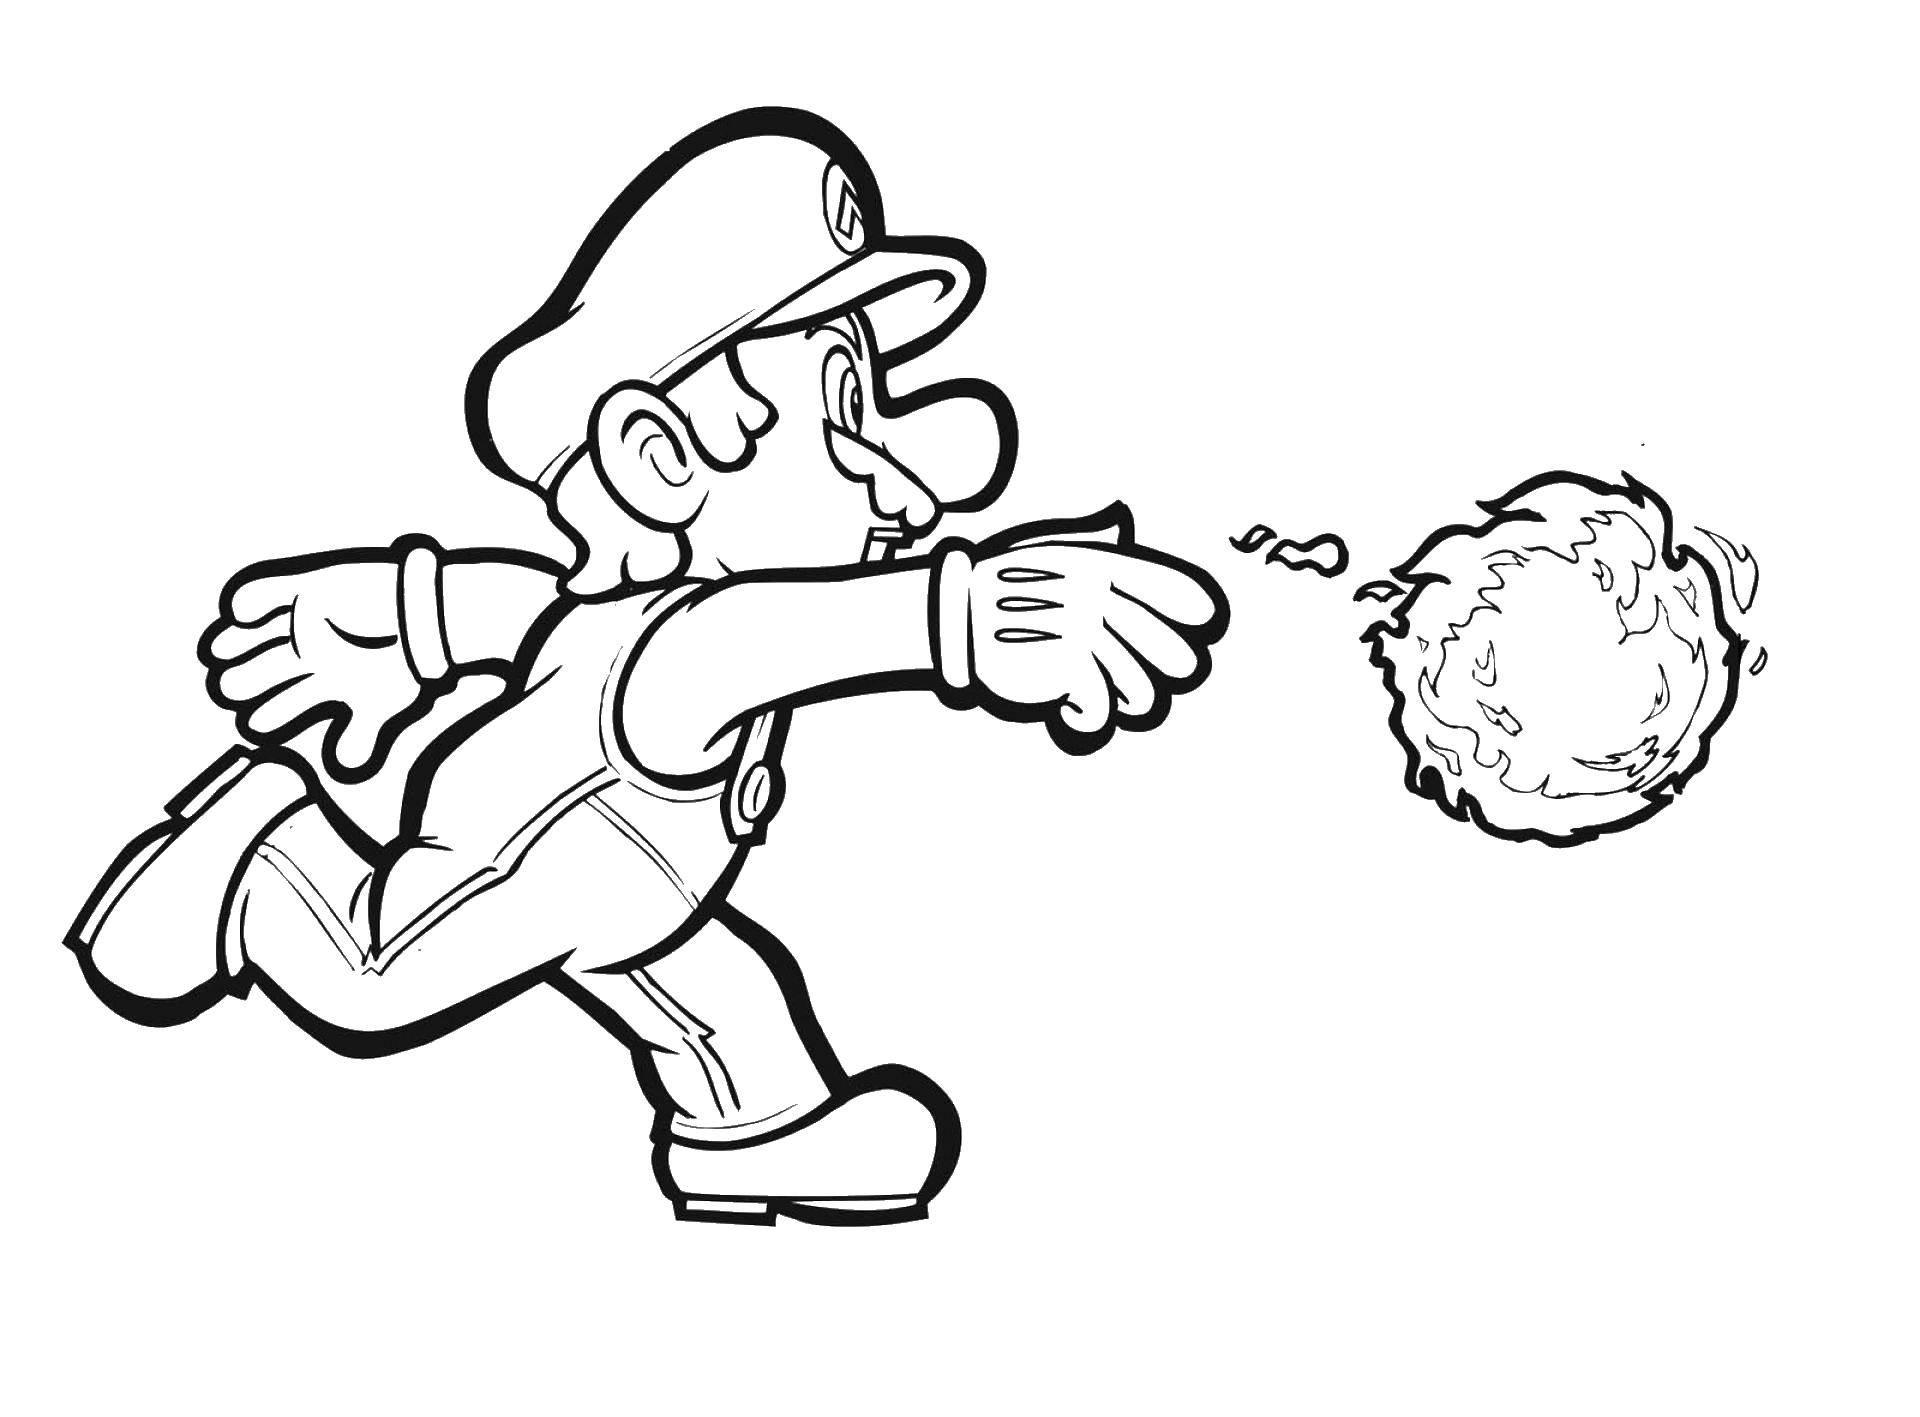 Раскраска Марио обороняется. Скачать Игры, Марио.  Распечатать ,Персонаж из игры,